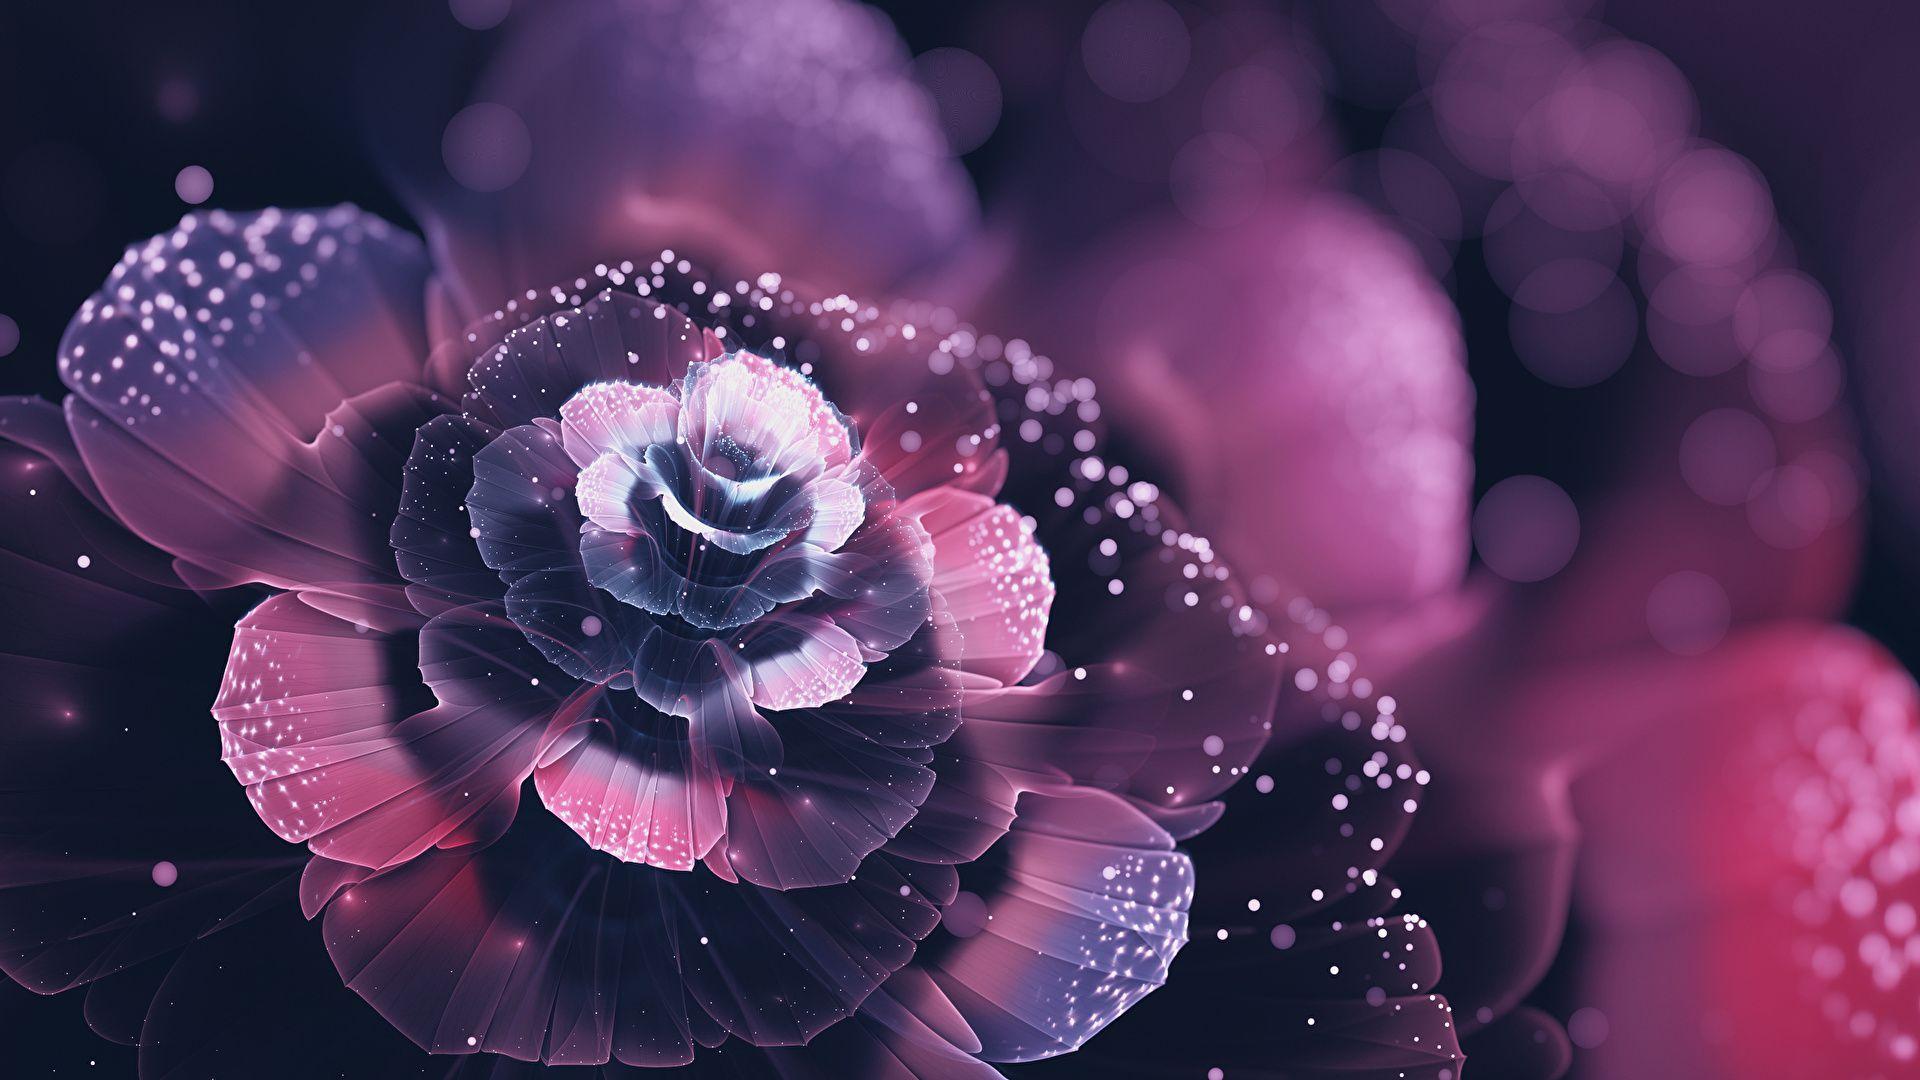 Fractal Flower Good Wallpaper